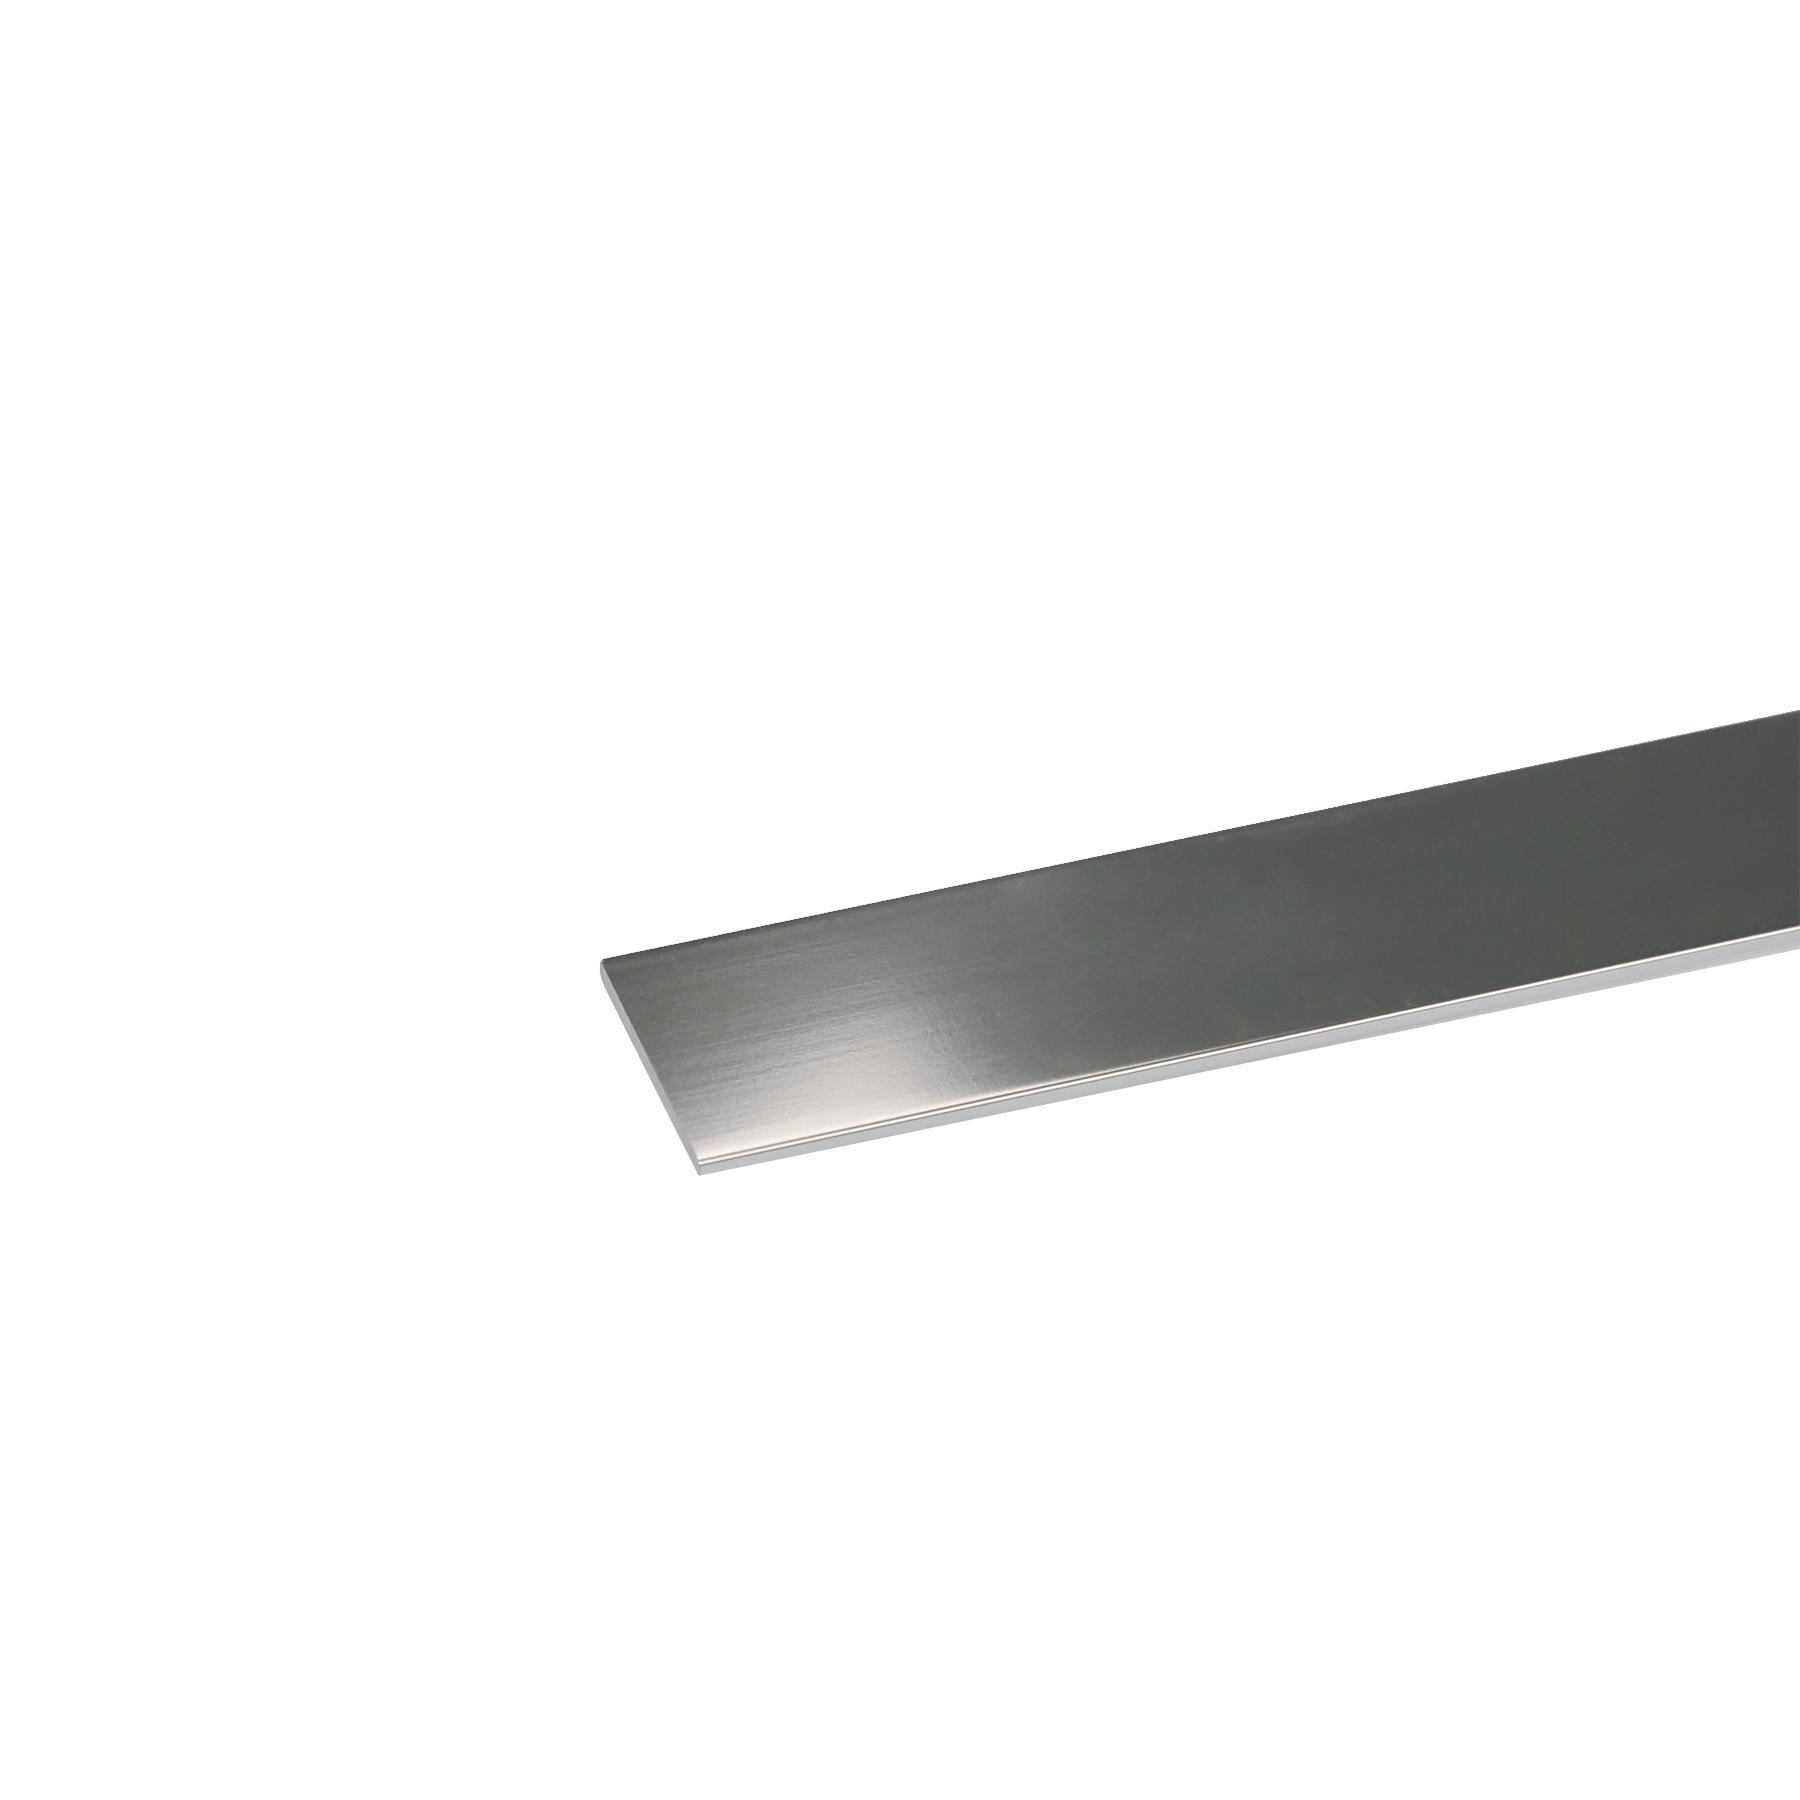 Perfil Plano Alumínio Anodizado Cromado 1mx3cm